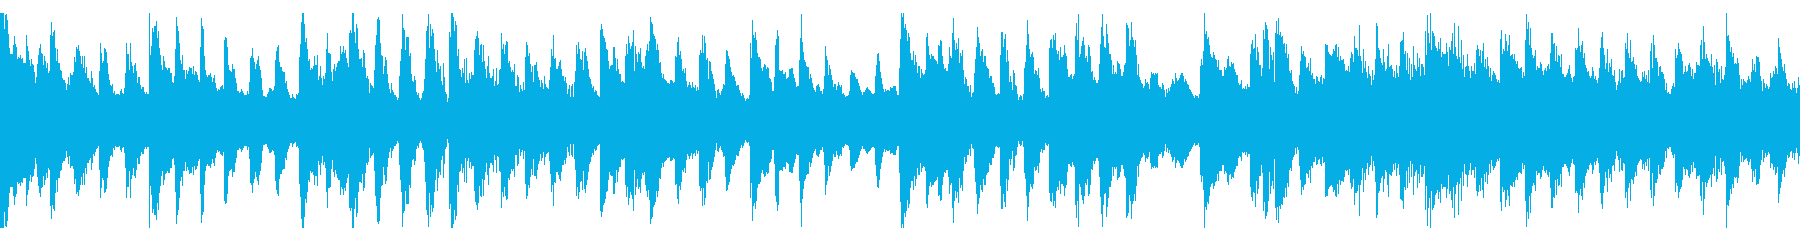 ループ可ほのぼのゆったりアコギとマリンバの再生済みの波形